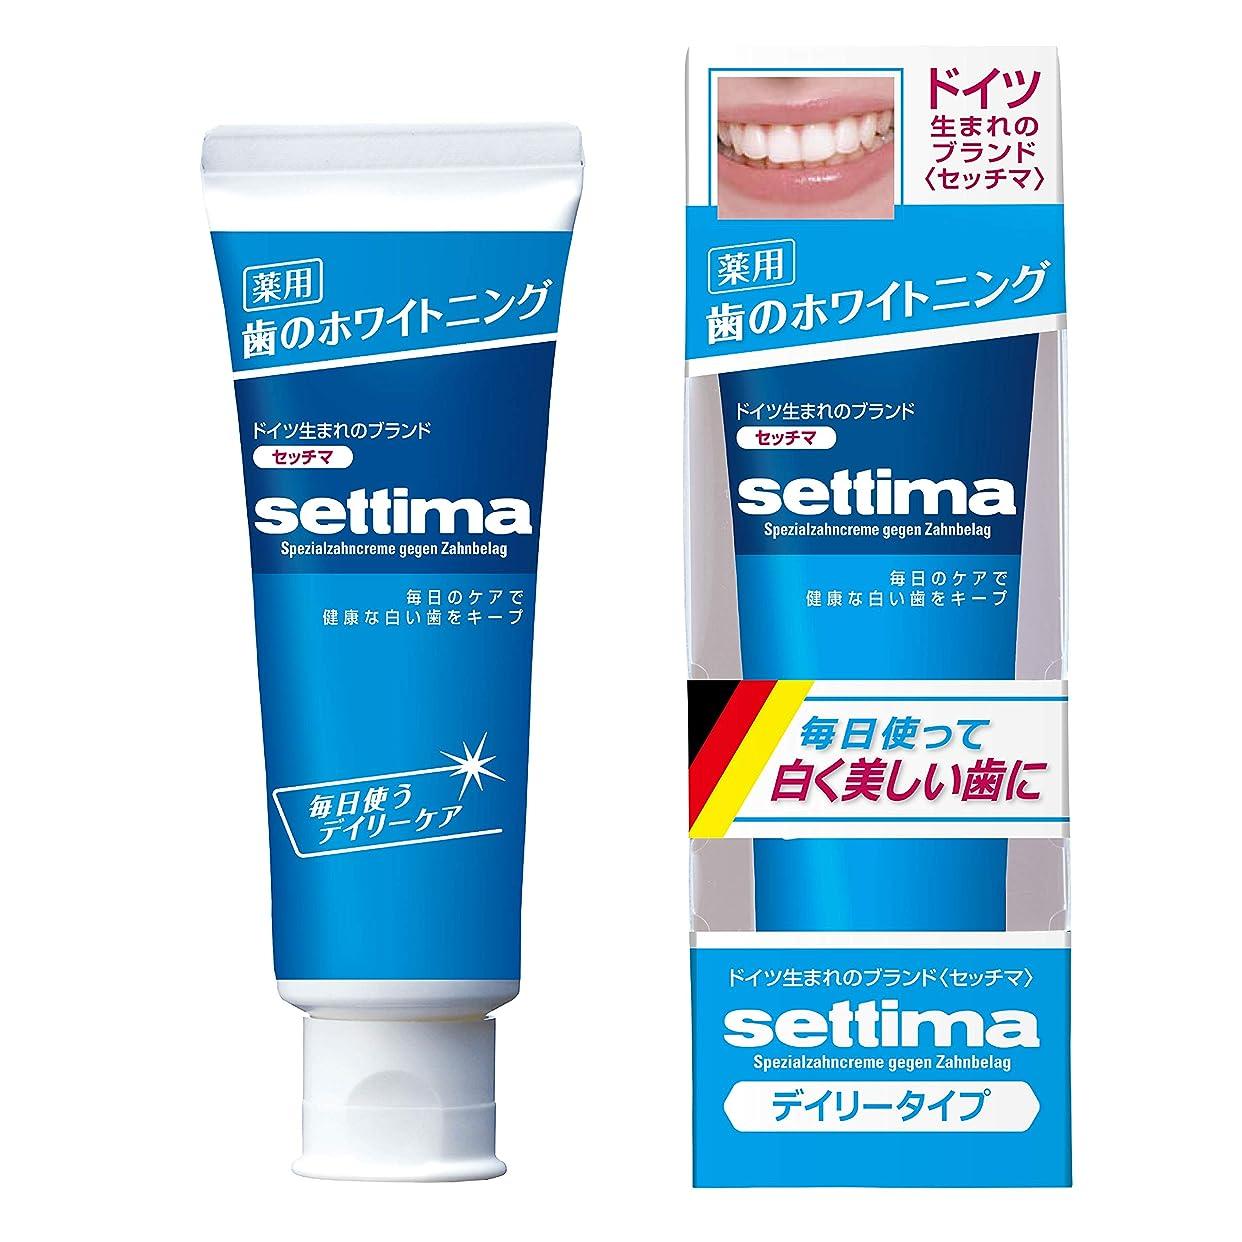 スキャン怠けた背骨[医薬部外品] settima(セッチマ) ホワイトニング 歯みがき デイリーケア [ファインミントタイプ] <ステインケア タバコのヤニ取り フッ素配合 虫歯予防> 80g